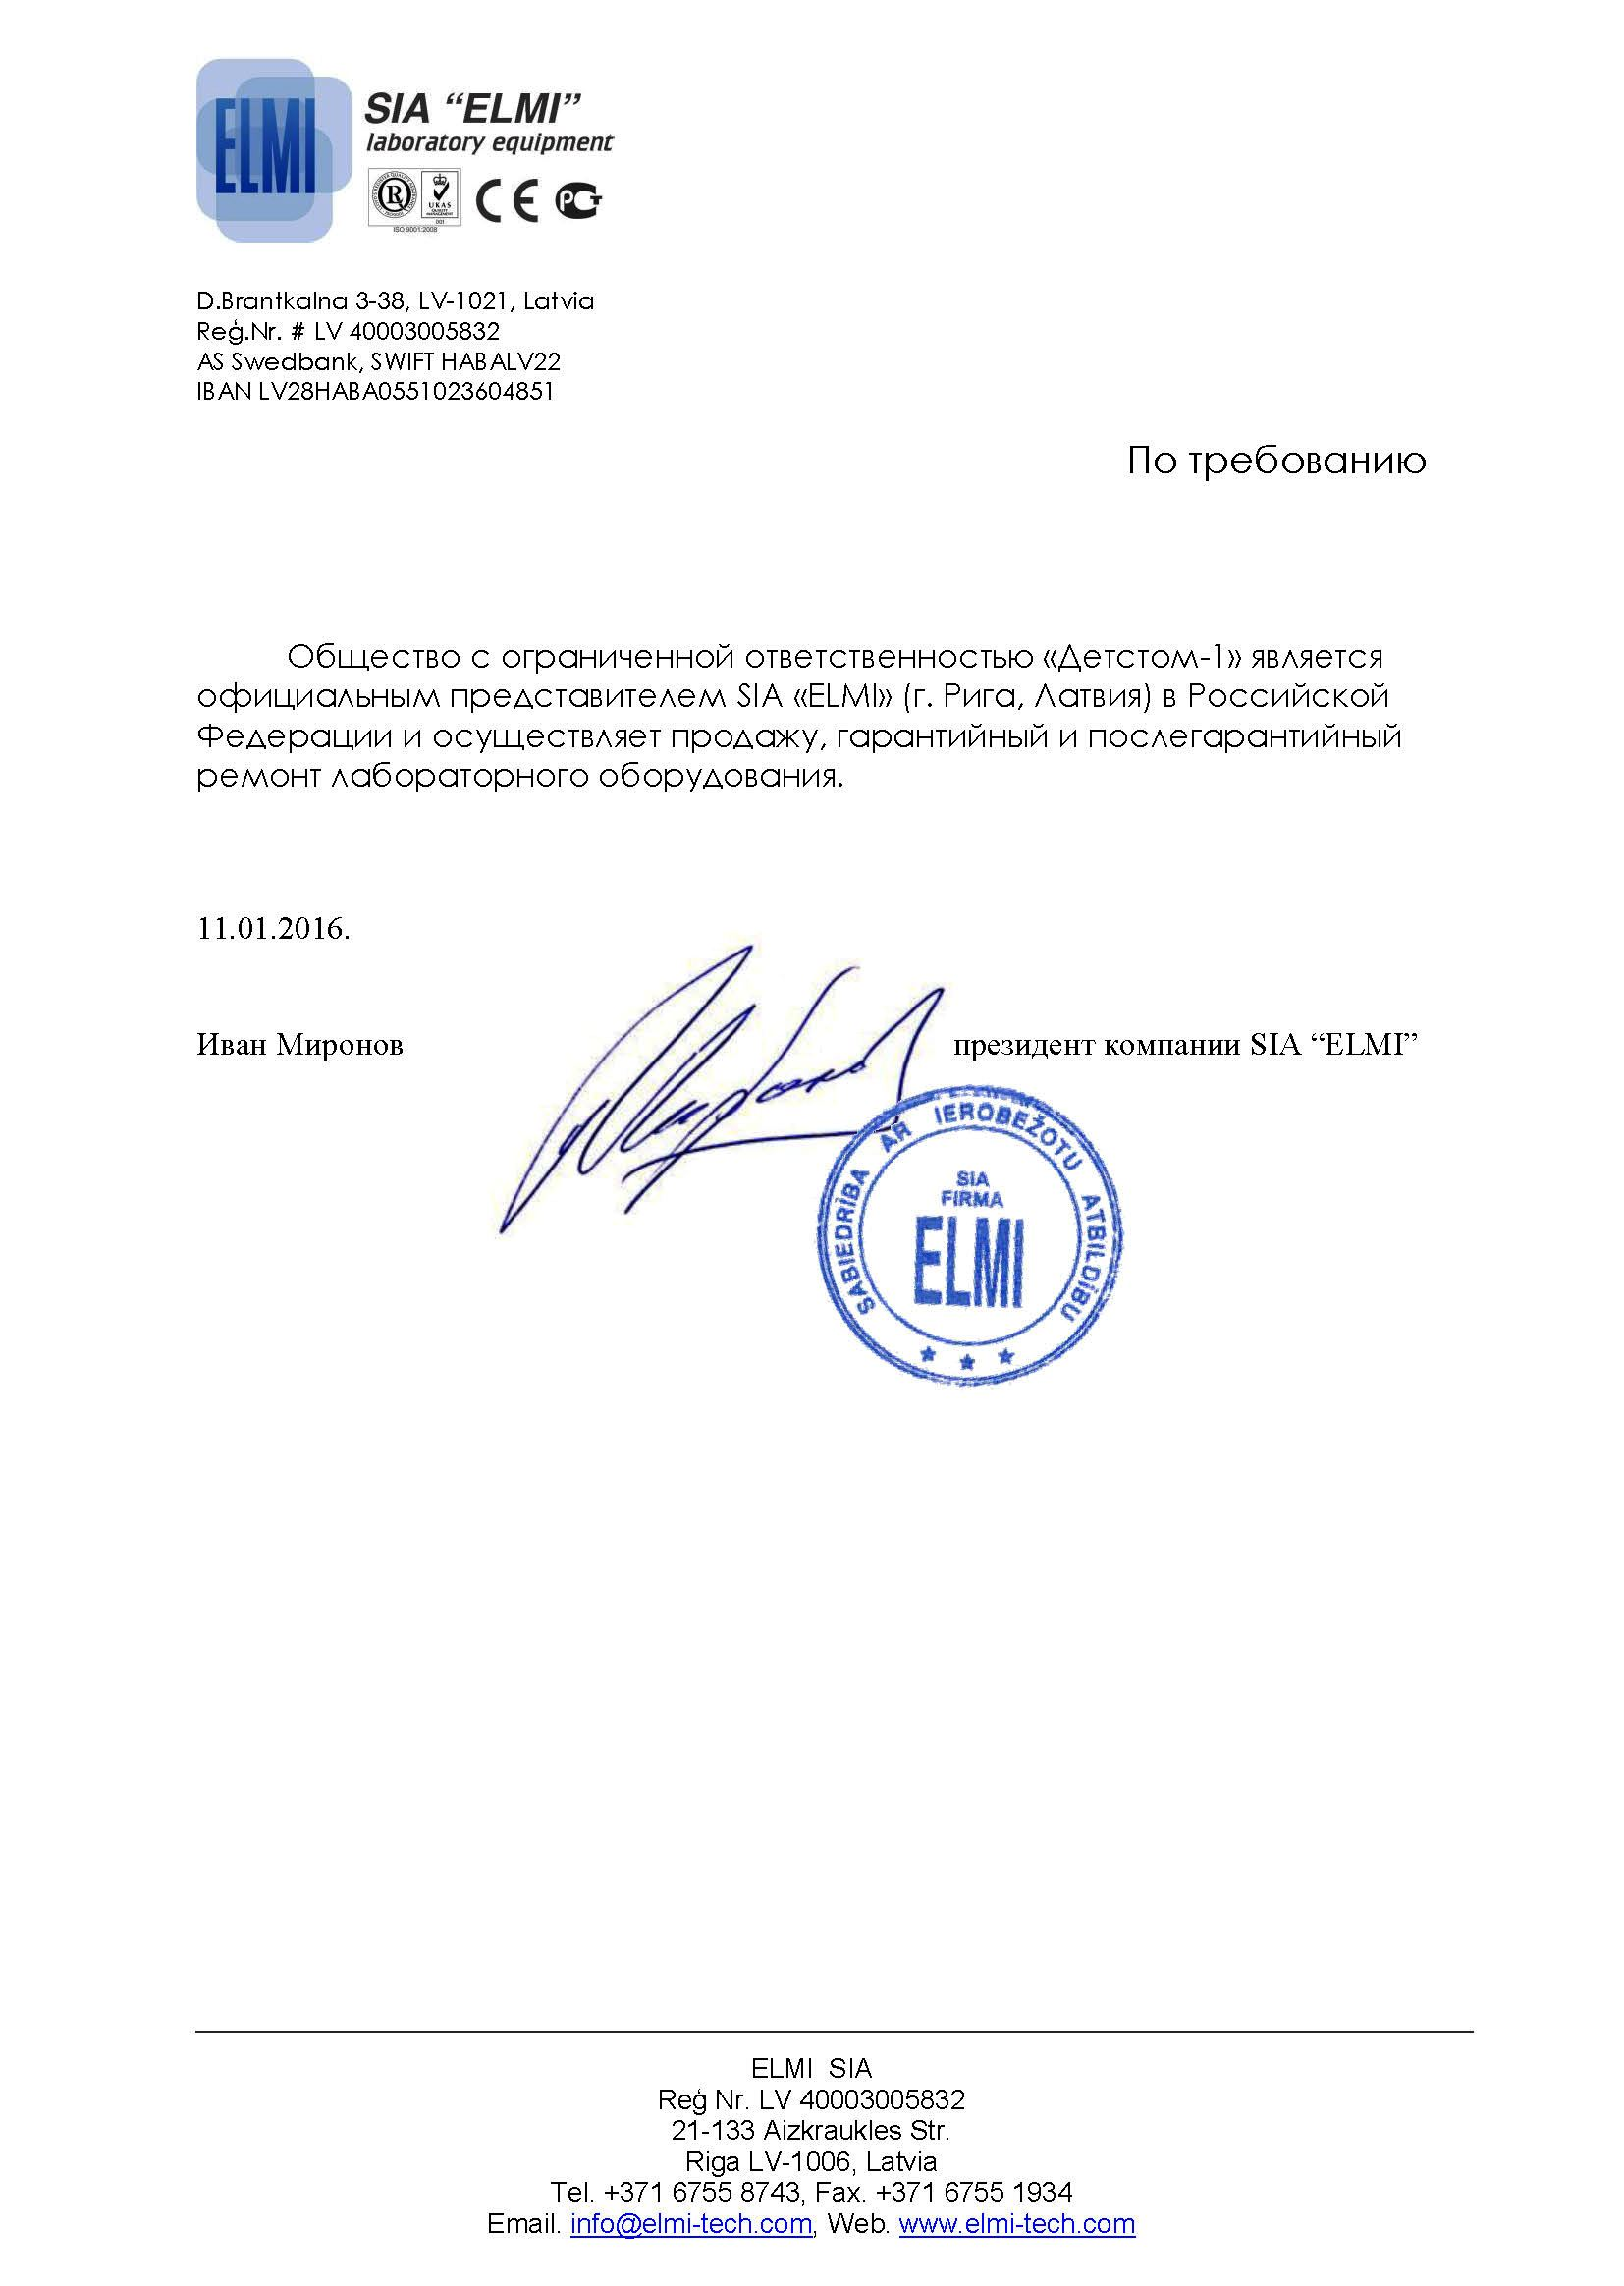 Авторизационное письмо от SIA Elmi